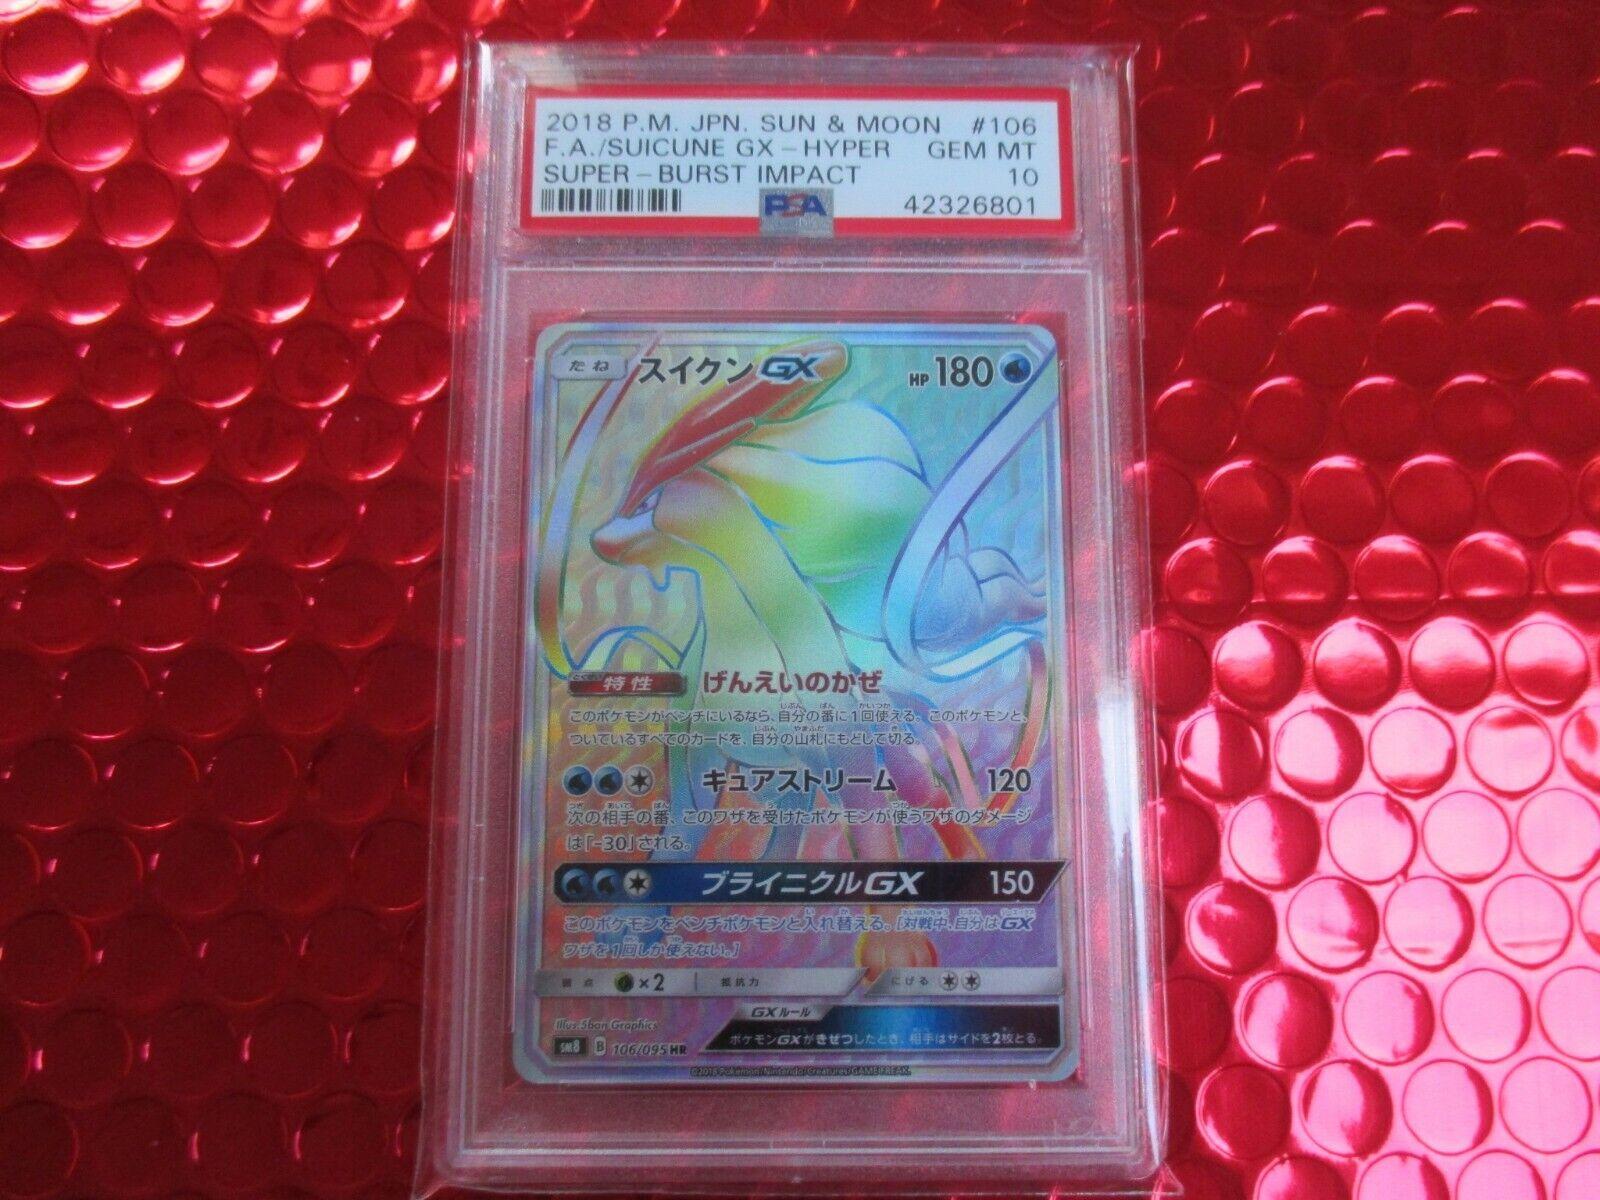 ポケモンハイパーレインボーSuicune GXのJP 106 / 095 HR PSA 10宝石ミントカードSM 8